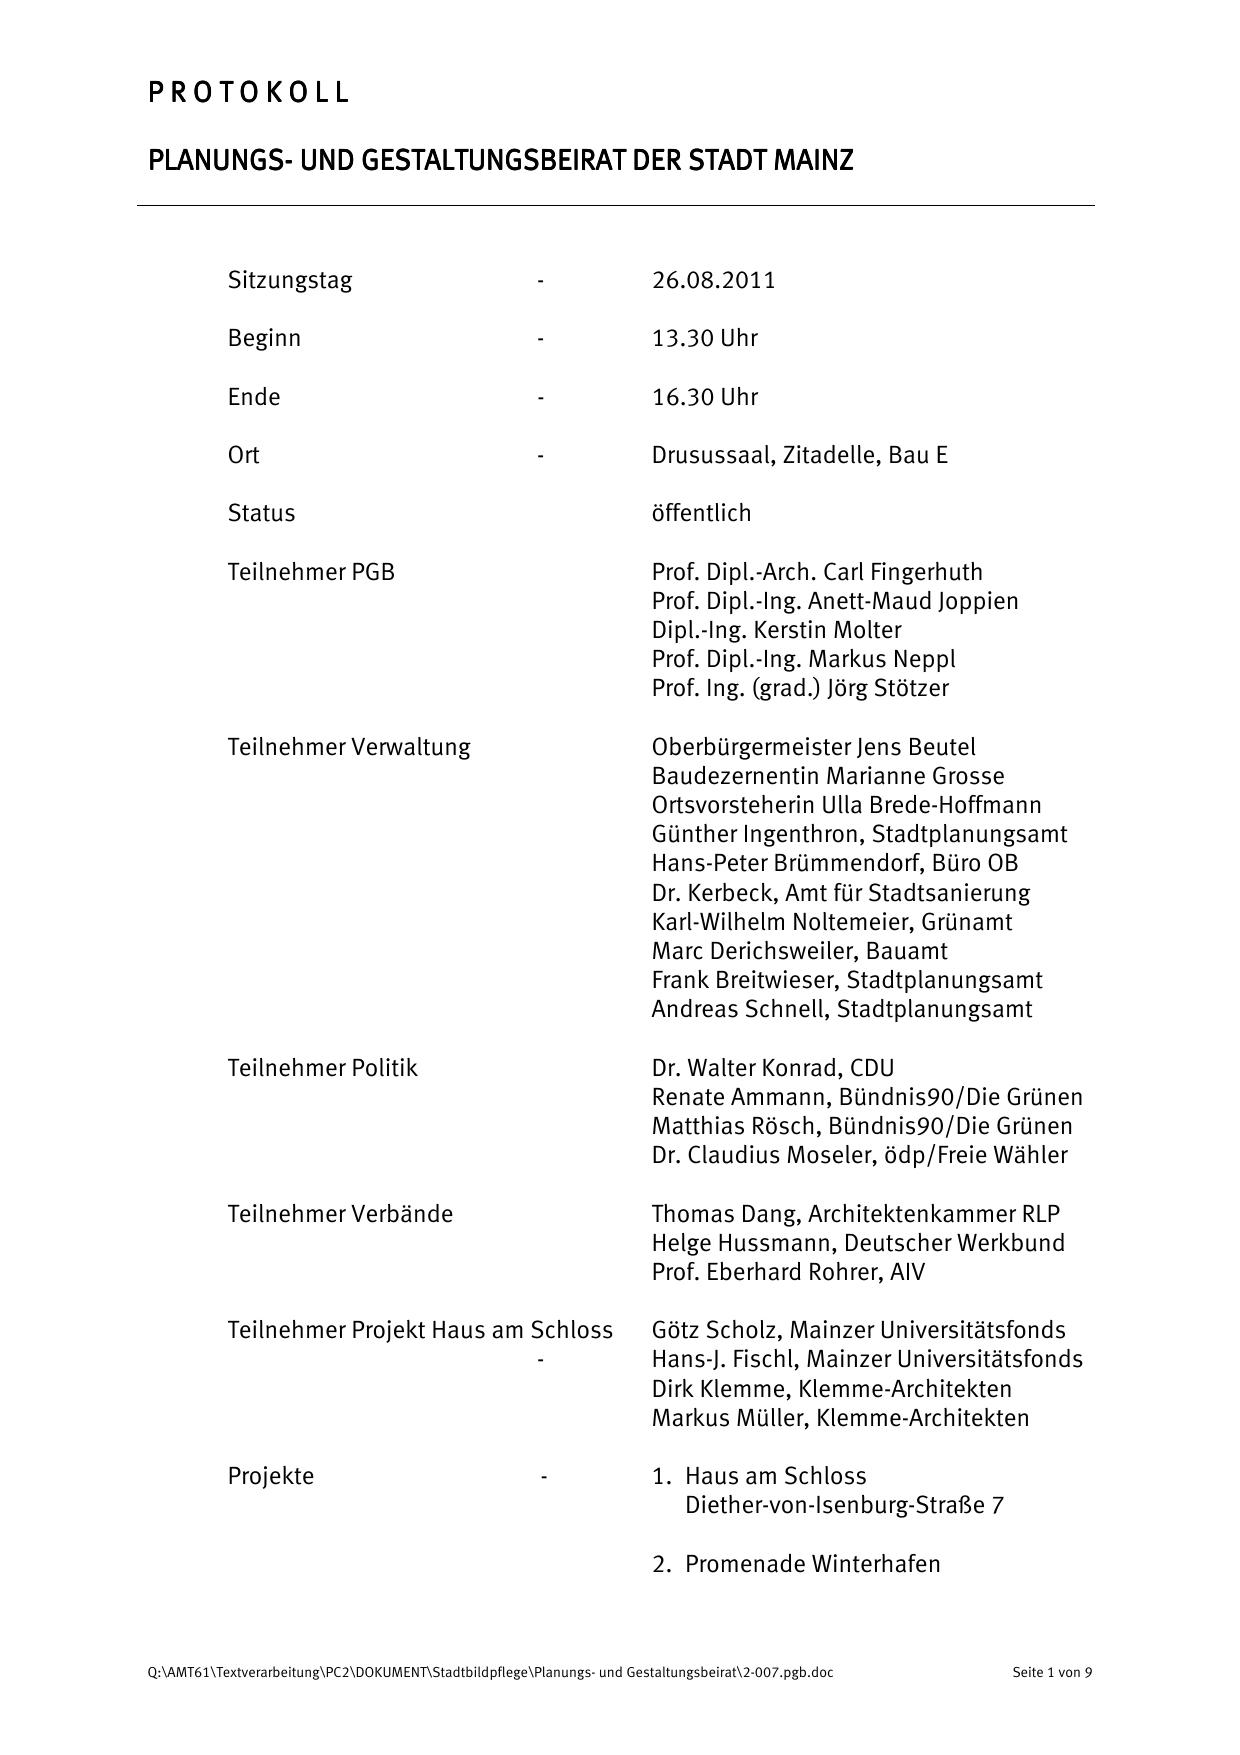 protokollprotokoll planungs- und gestaltungsbeirat der stadt mainz